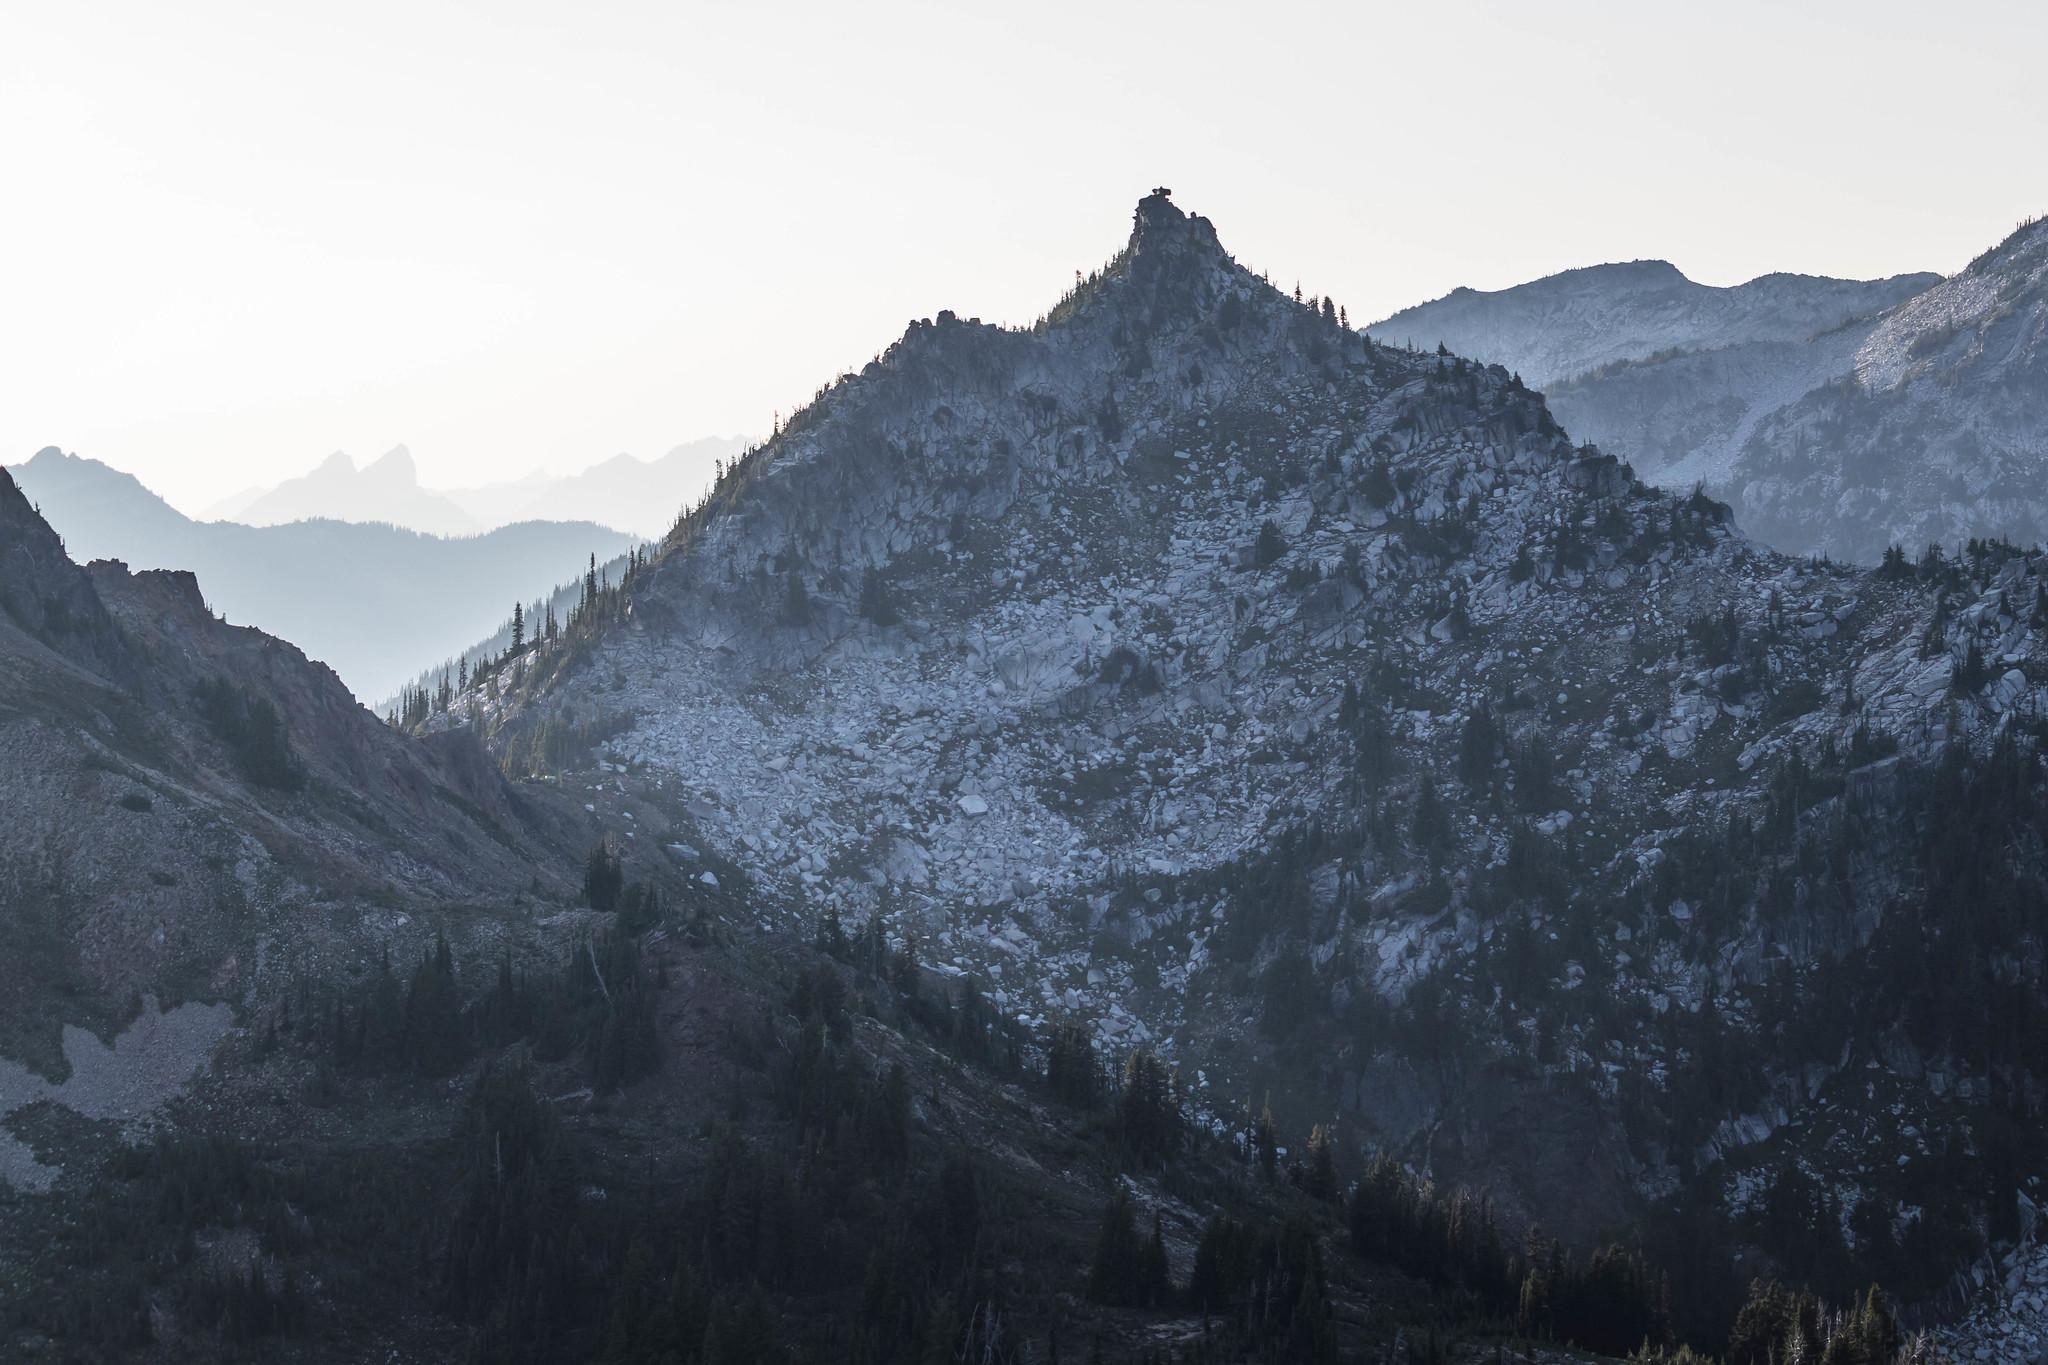 Sherpani Peak